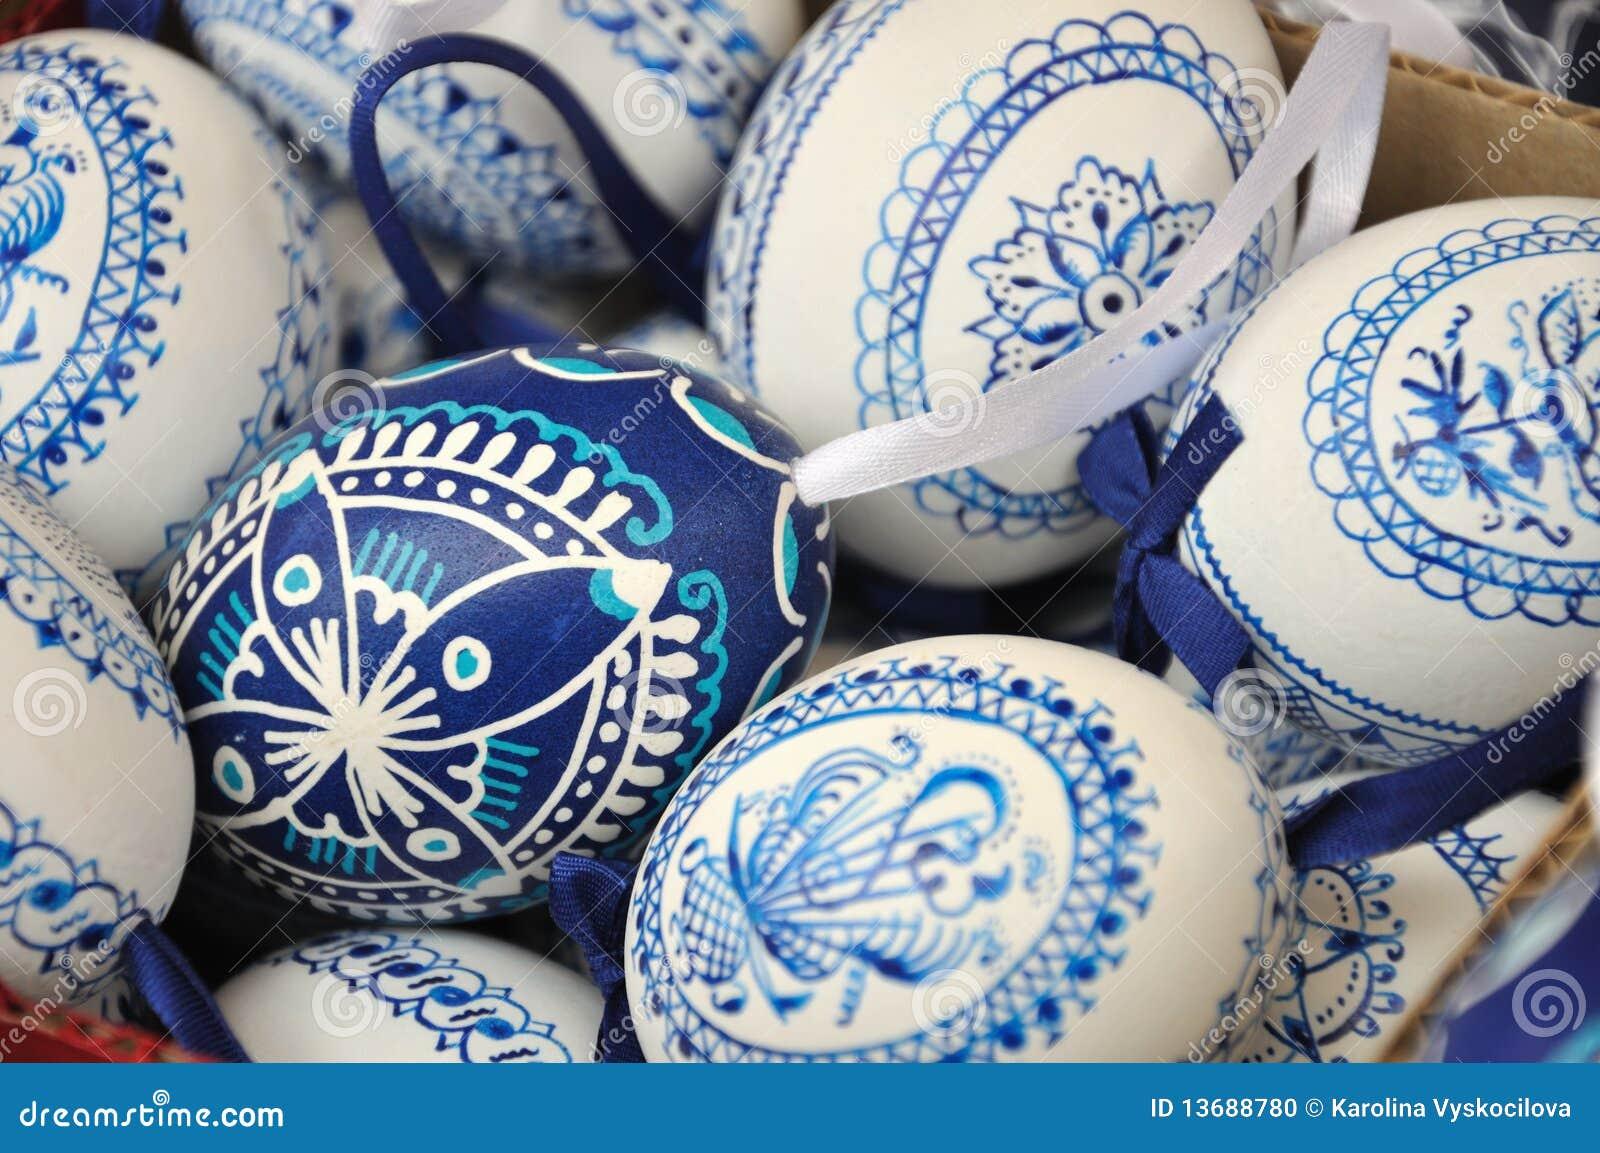 Uova di pasqua blu e bianche tradizionali fatte a mano fotografia stock immagine di grande - Uova di pasqua decorati a mano ...